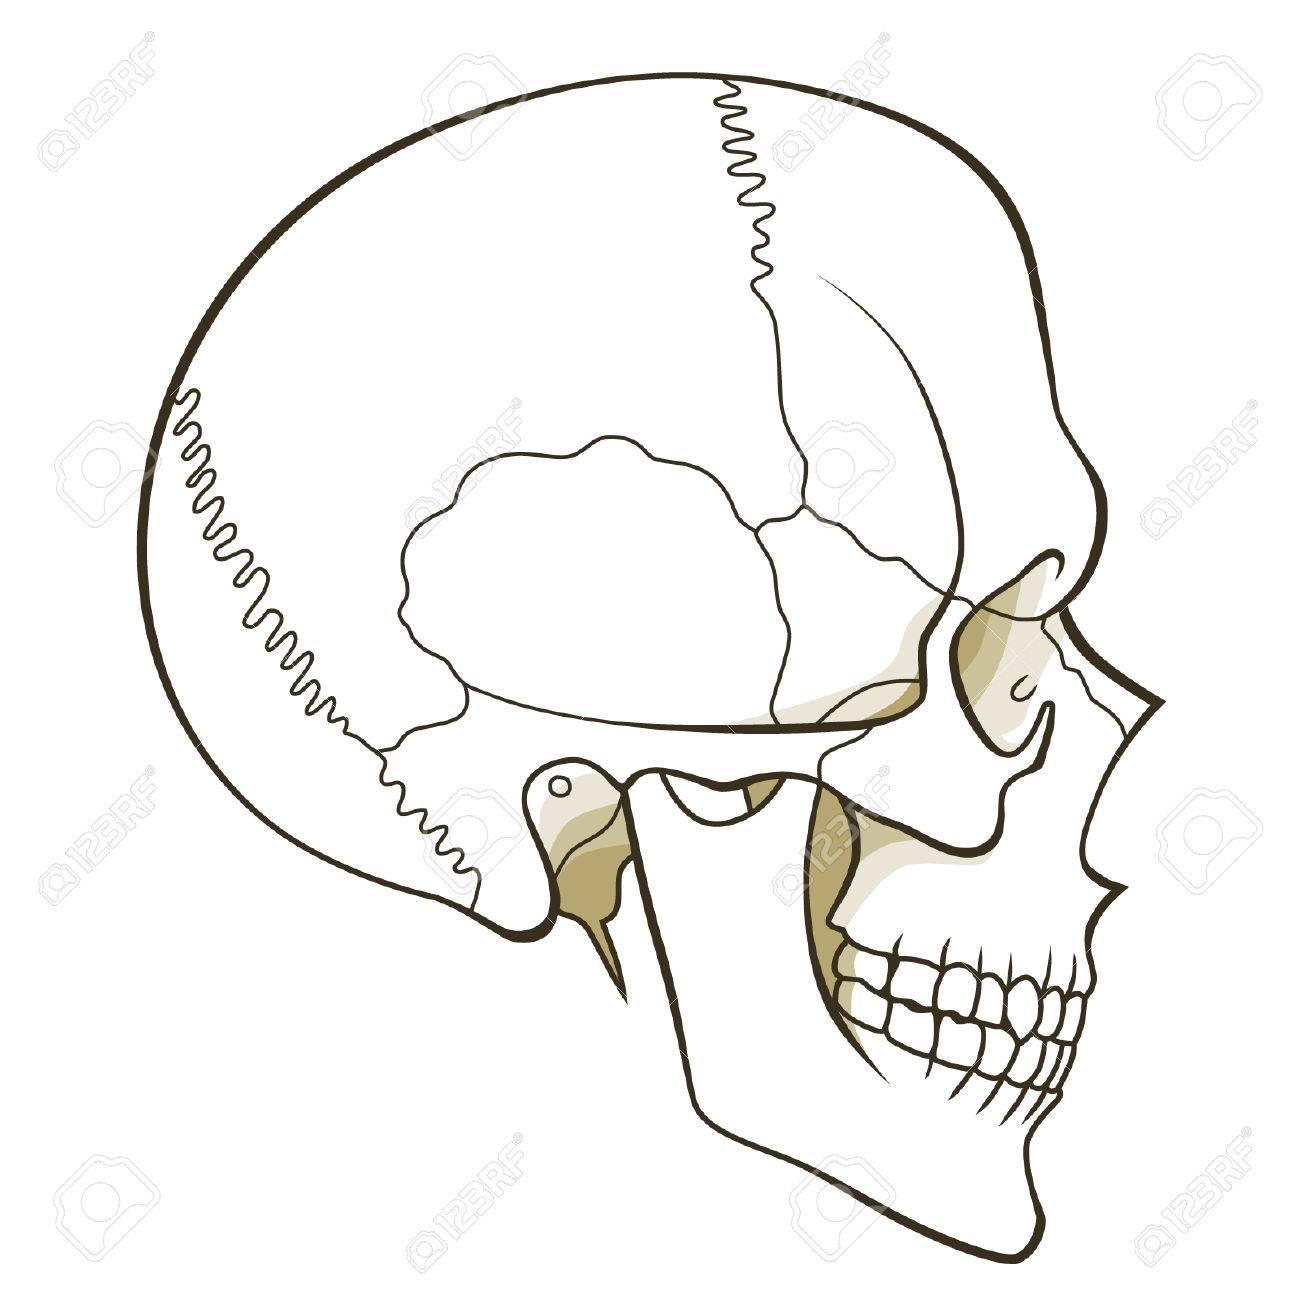 Perfil Cráneo Humano Ilustraciones Vectoriales, Clip Art Vectorizado ...